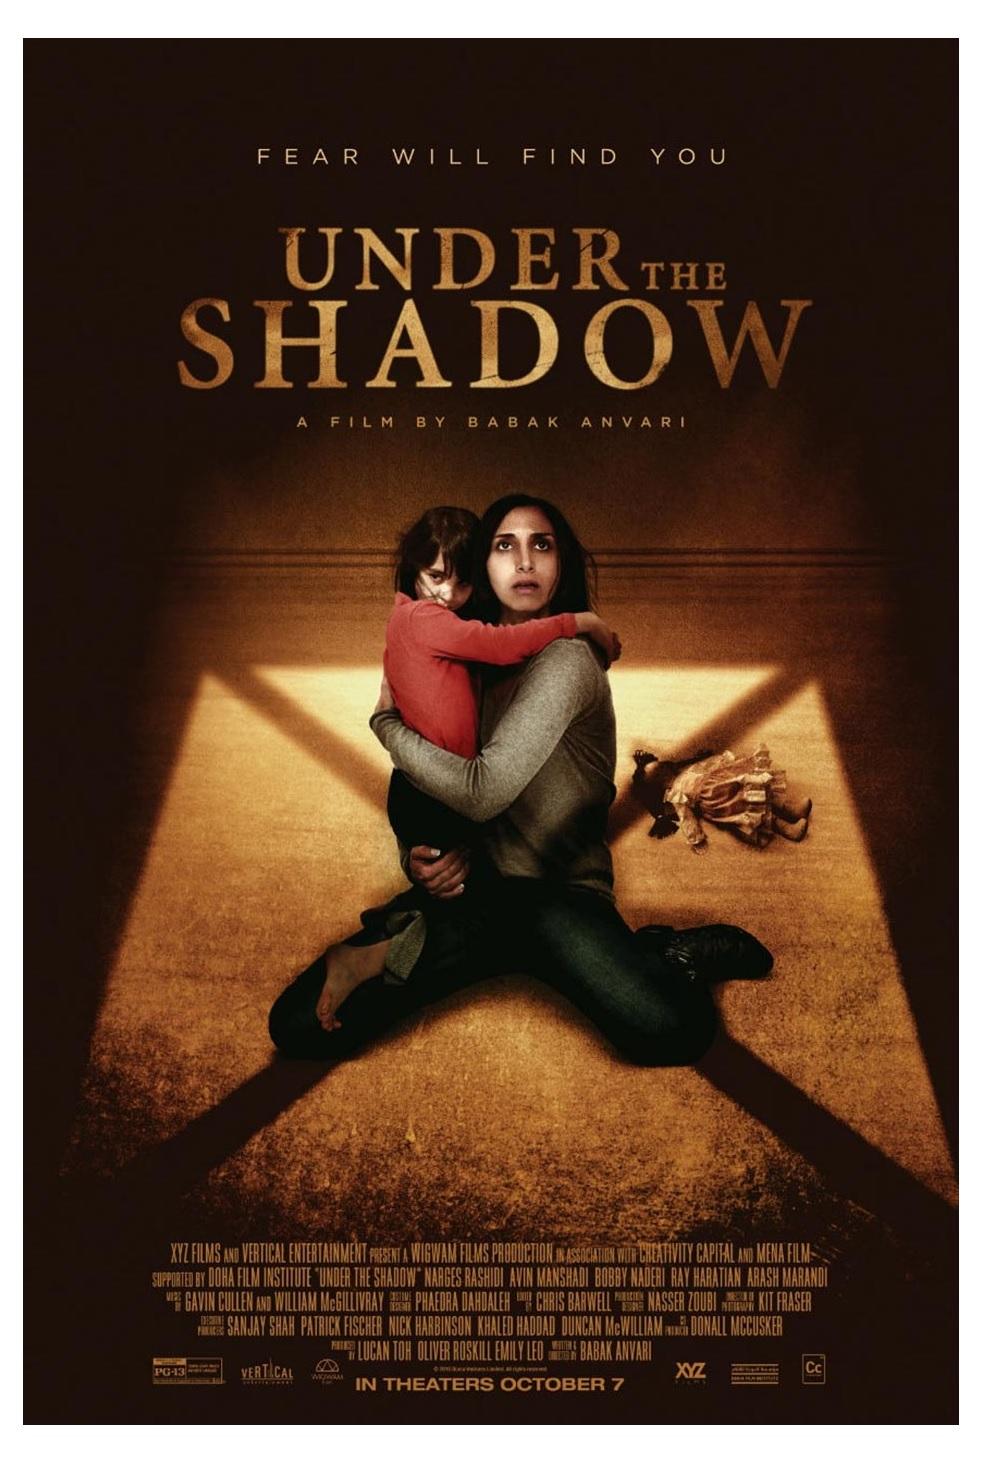 undertheshadow_poster